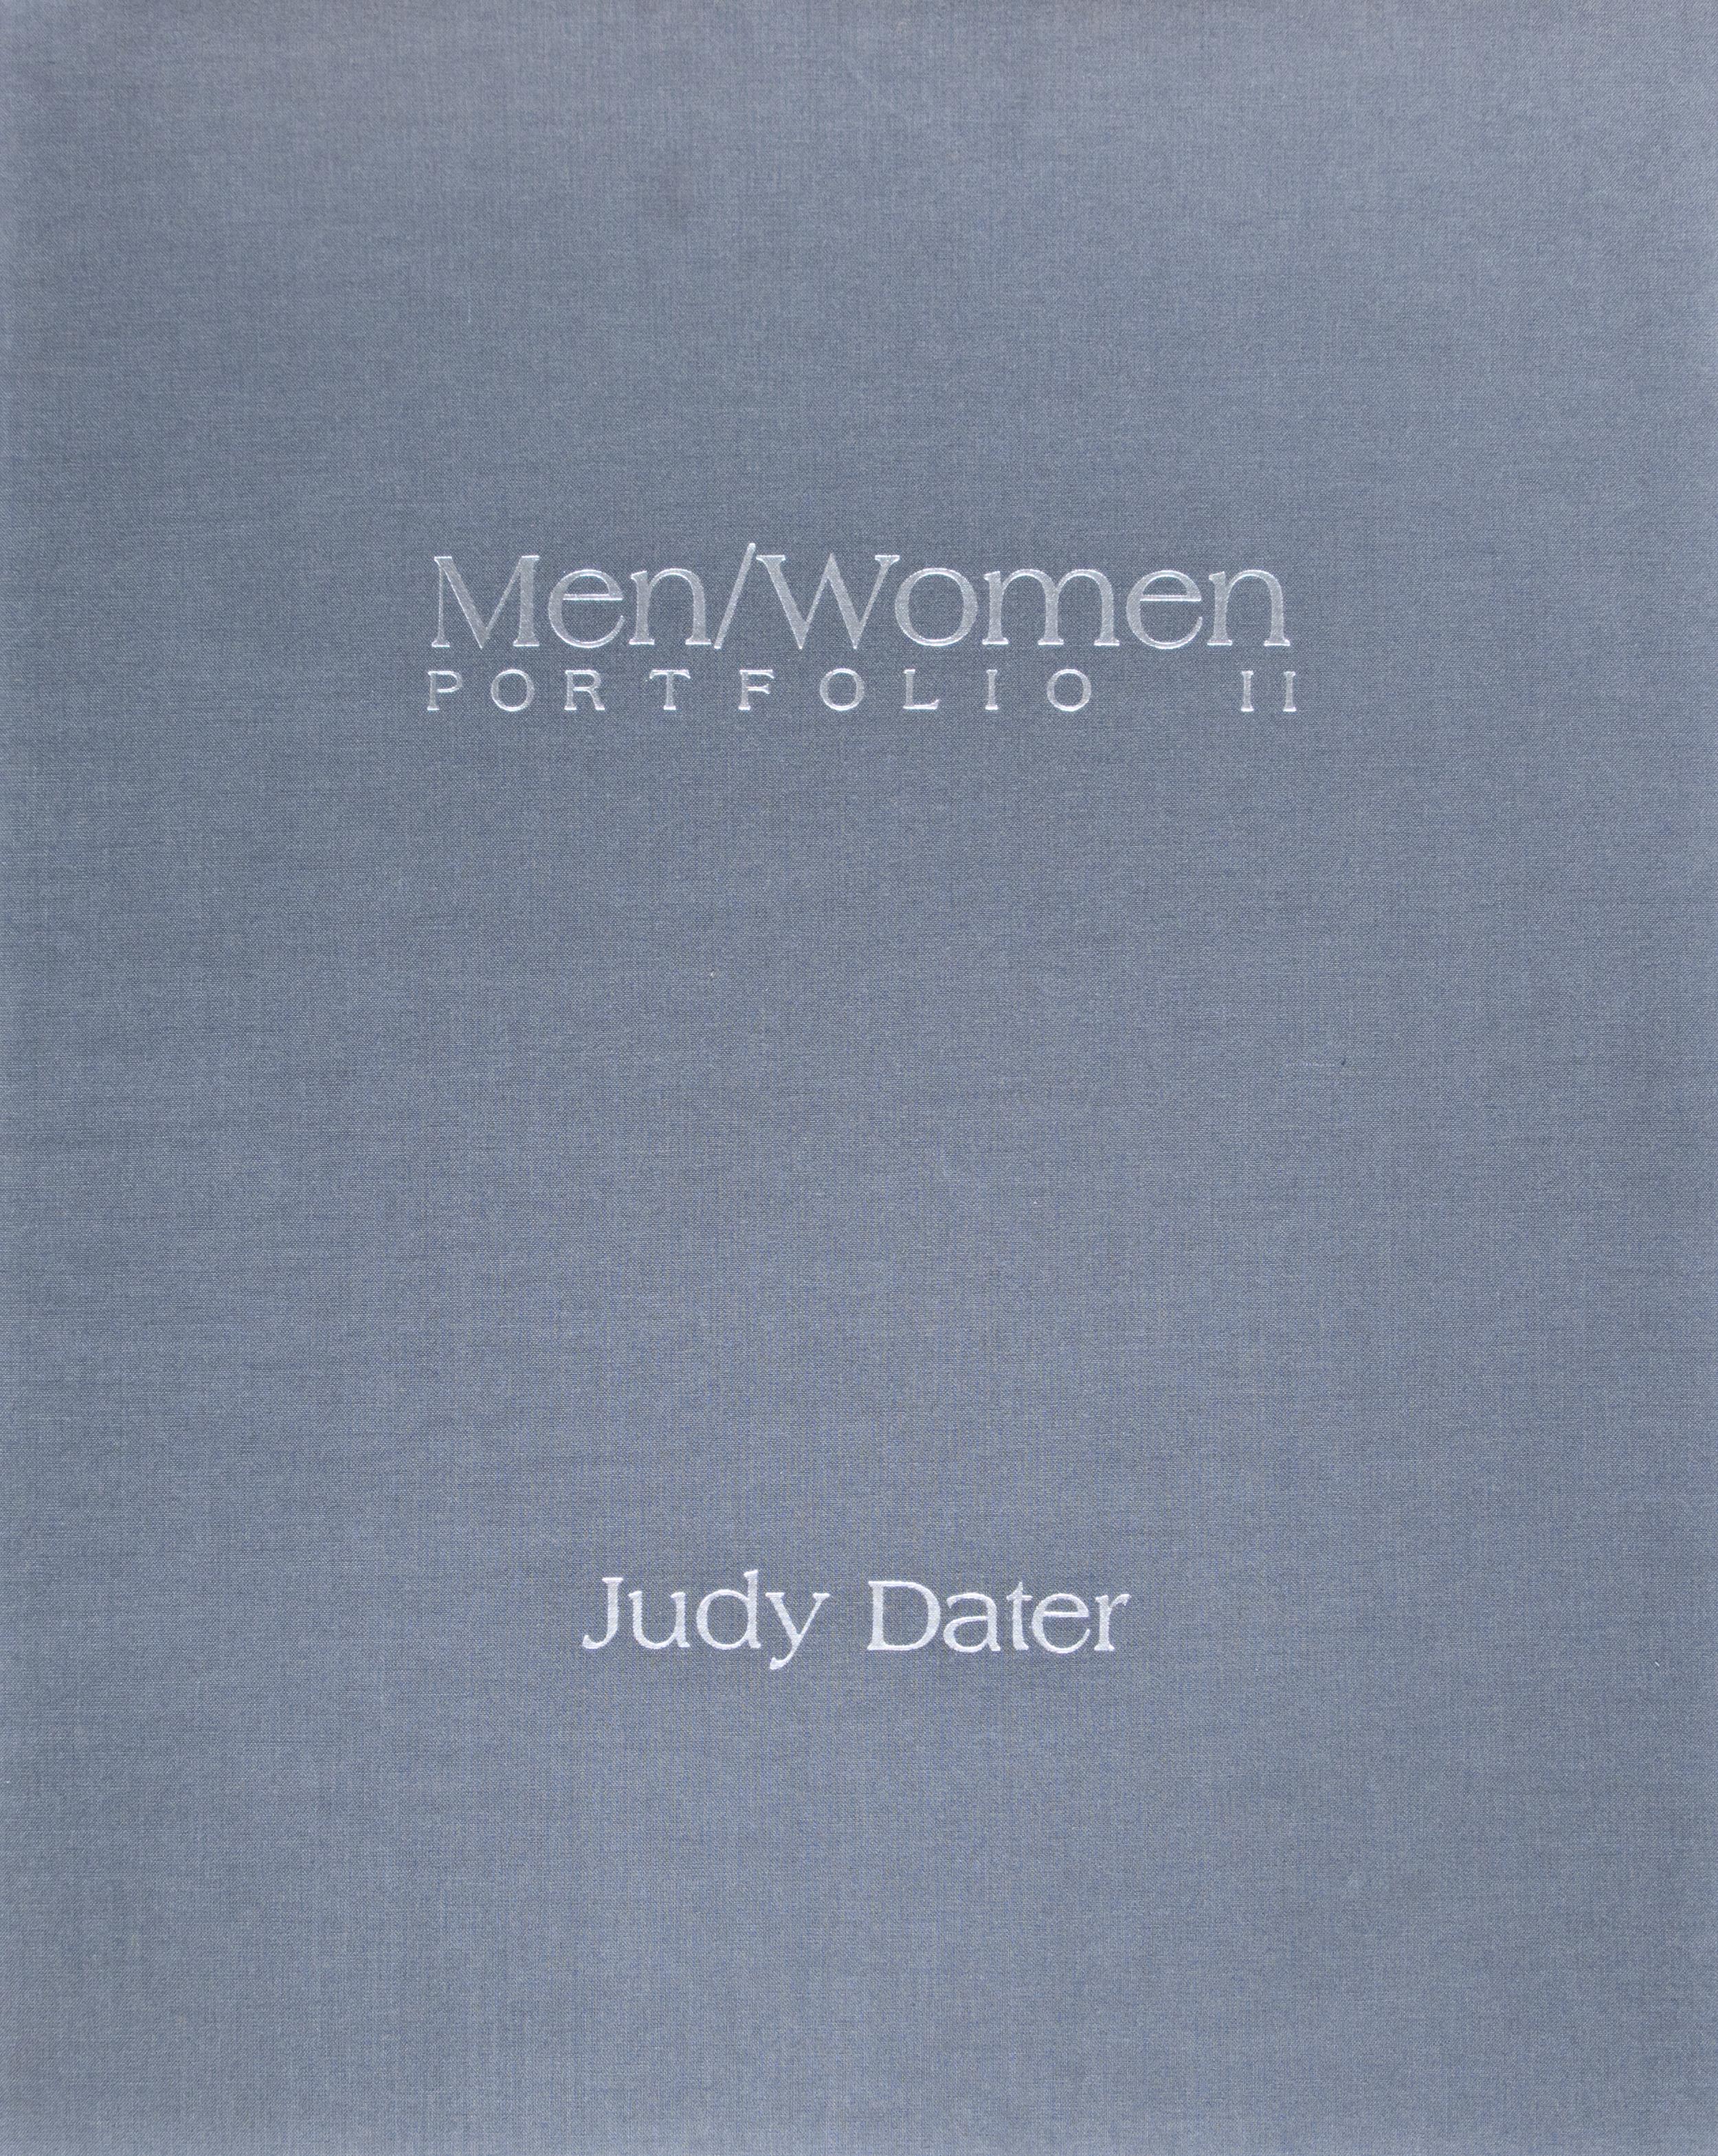 Men/Women, Portfolio II, 1980